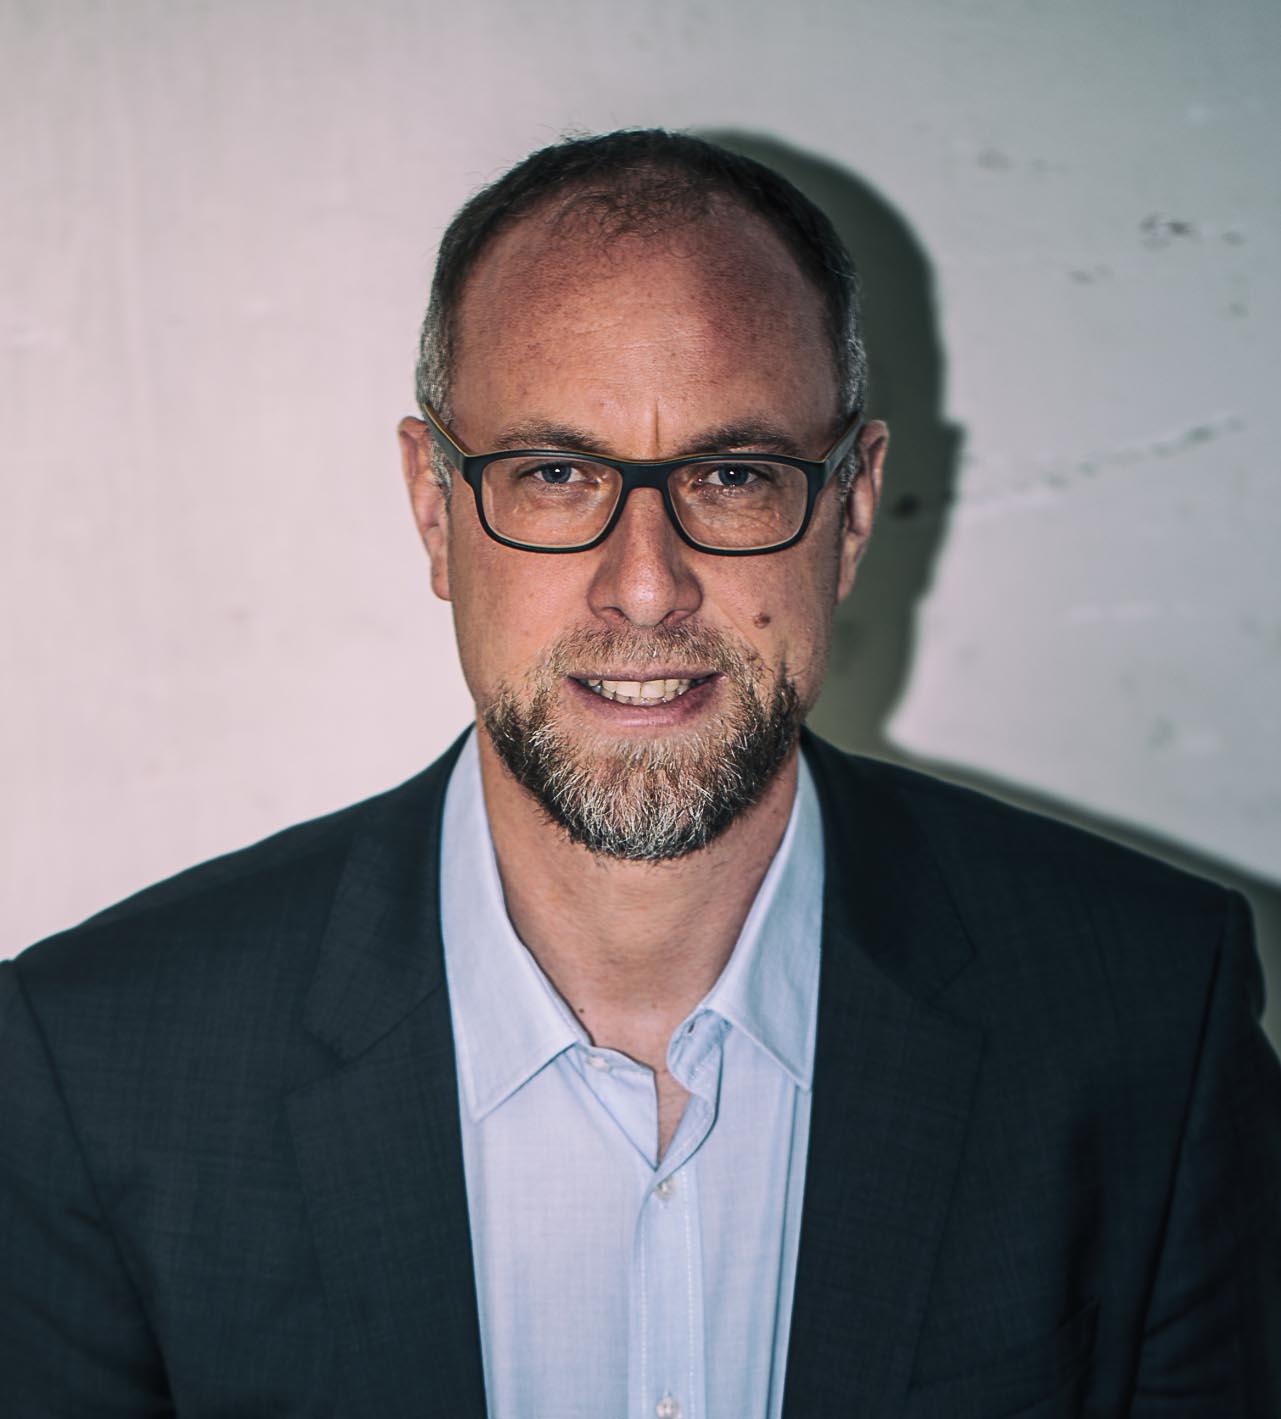 Univ.-Prof. Dr. Mark Coeckelbergh - Professor für Medien- und Technikphilosphie an der Fakultät für Philosophie und Bildungswissenschaft der Universität Wien. Er ist Vater von Kindern im Alter von 8 und 10 Jahren.